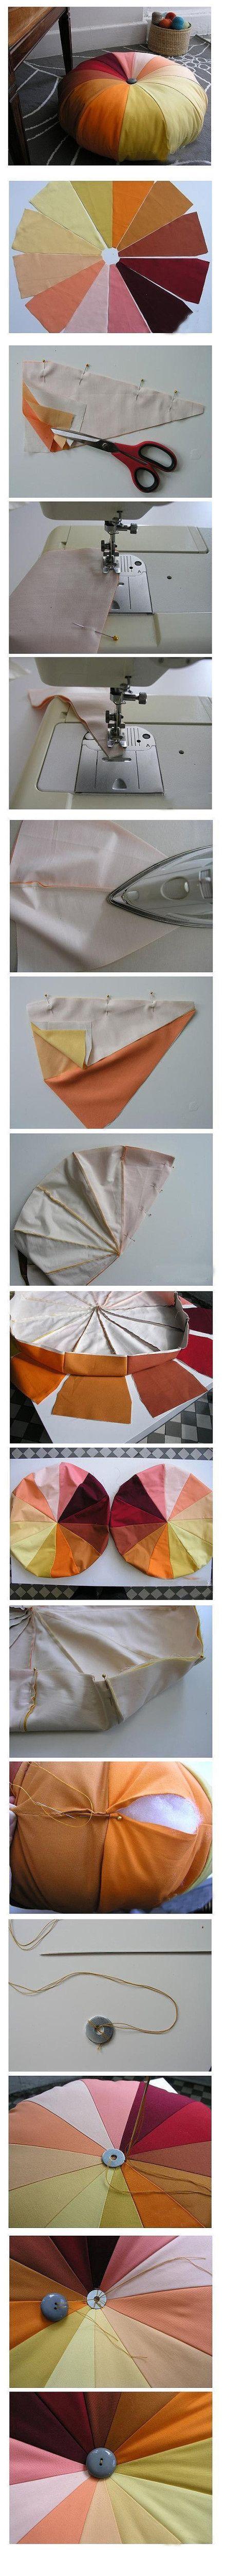 DIY Pillow diy sew crafts craft ideas easy crafts diy ideas diy idea diy home sewing easy diy for the home crafty decor home ideas diy decorations diy sewing craft pillow sewing crafts